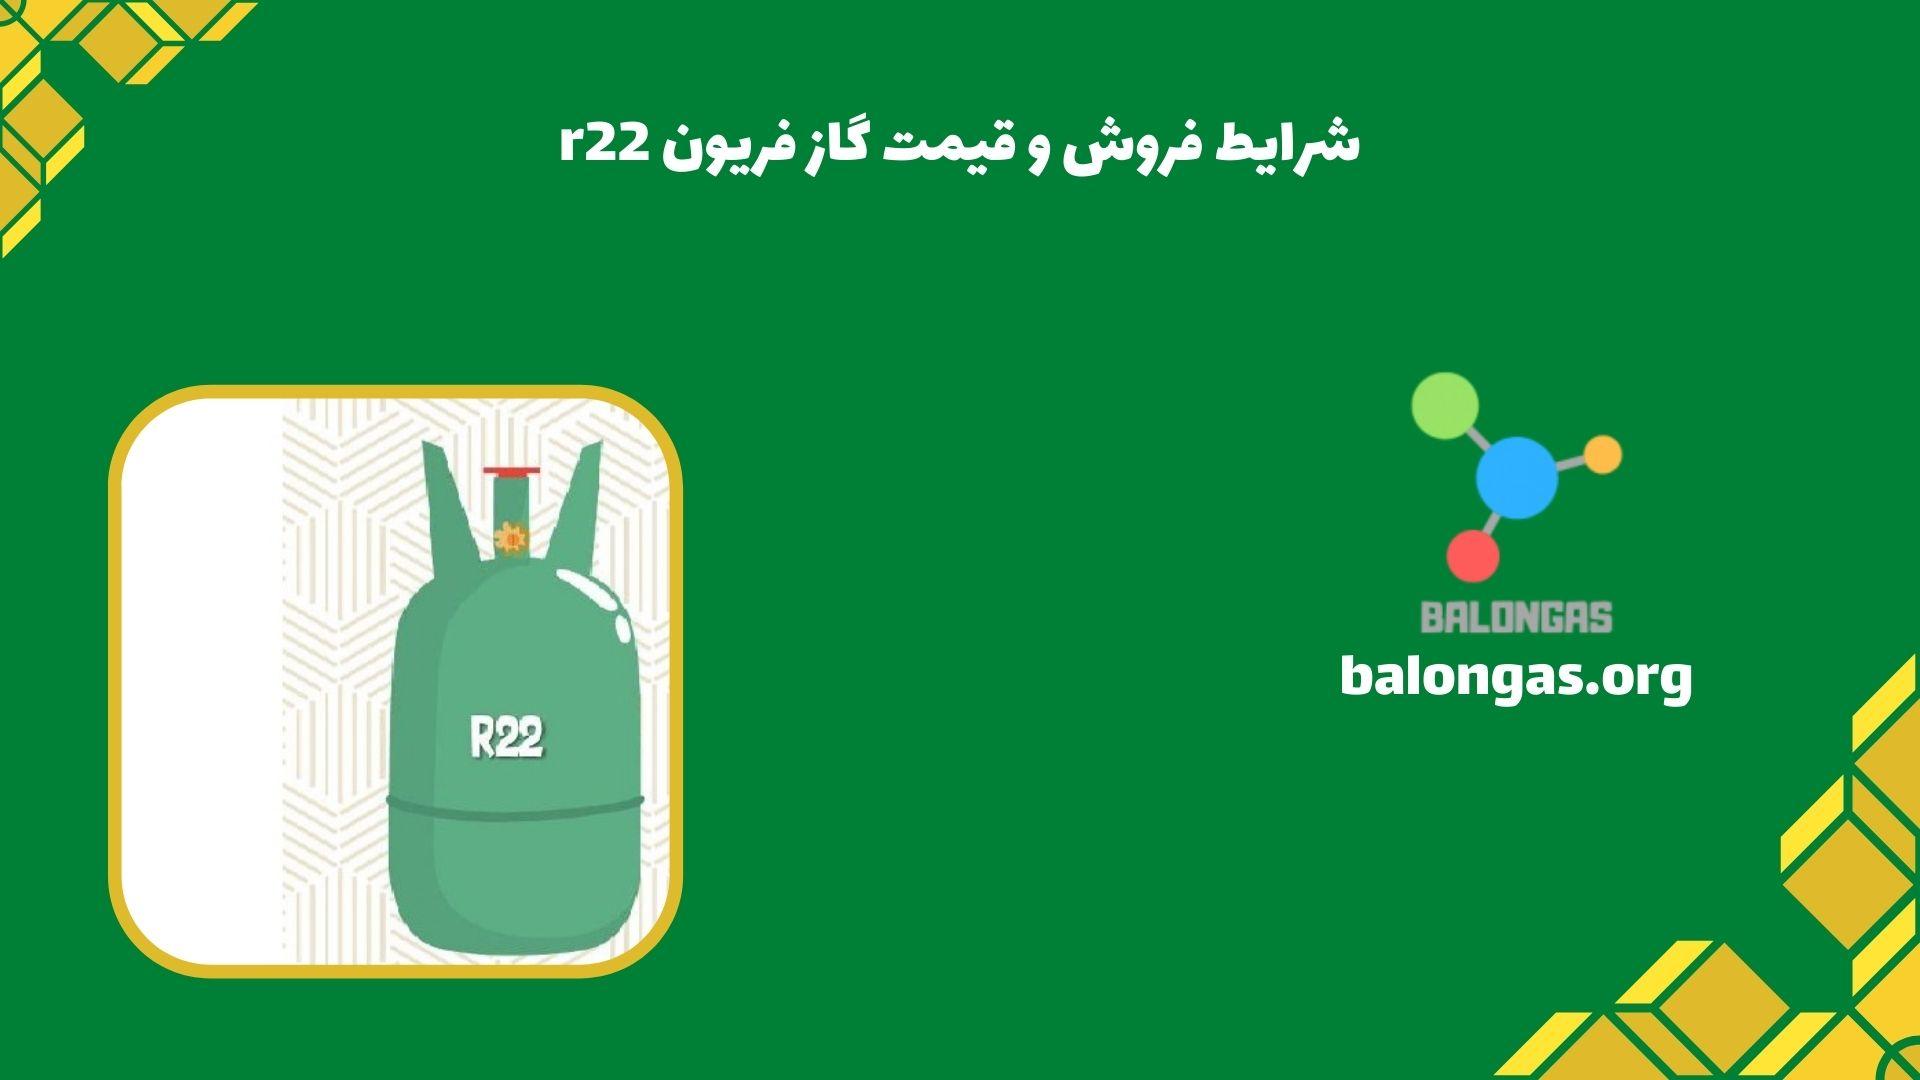 شرایط فروش و قیمت گاز فریون r22